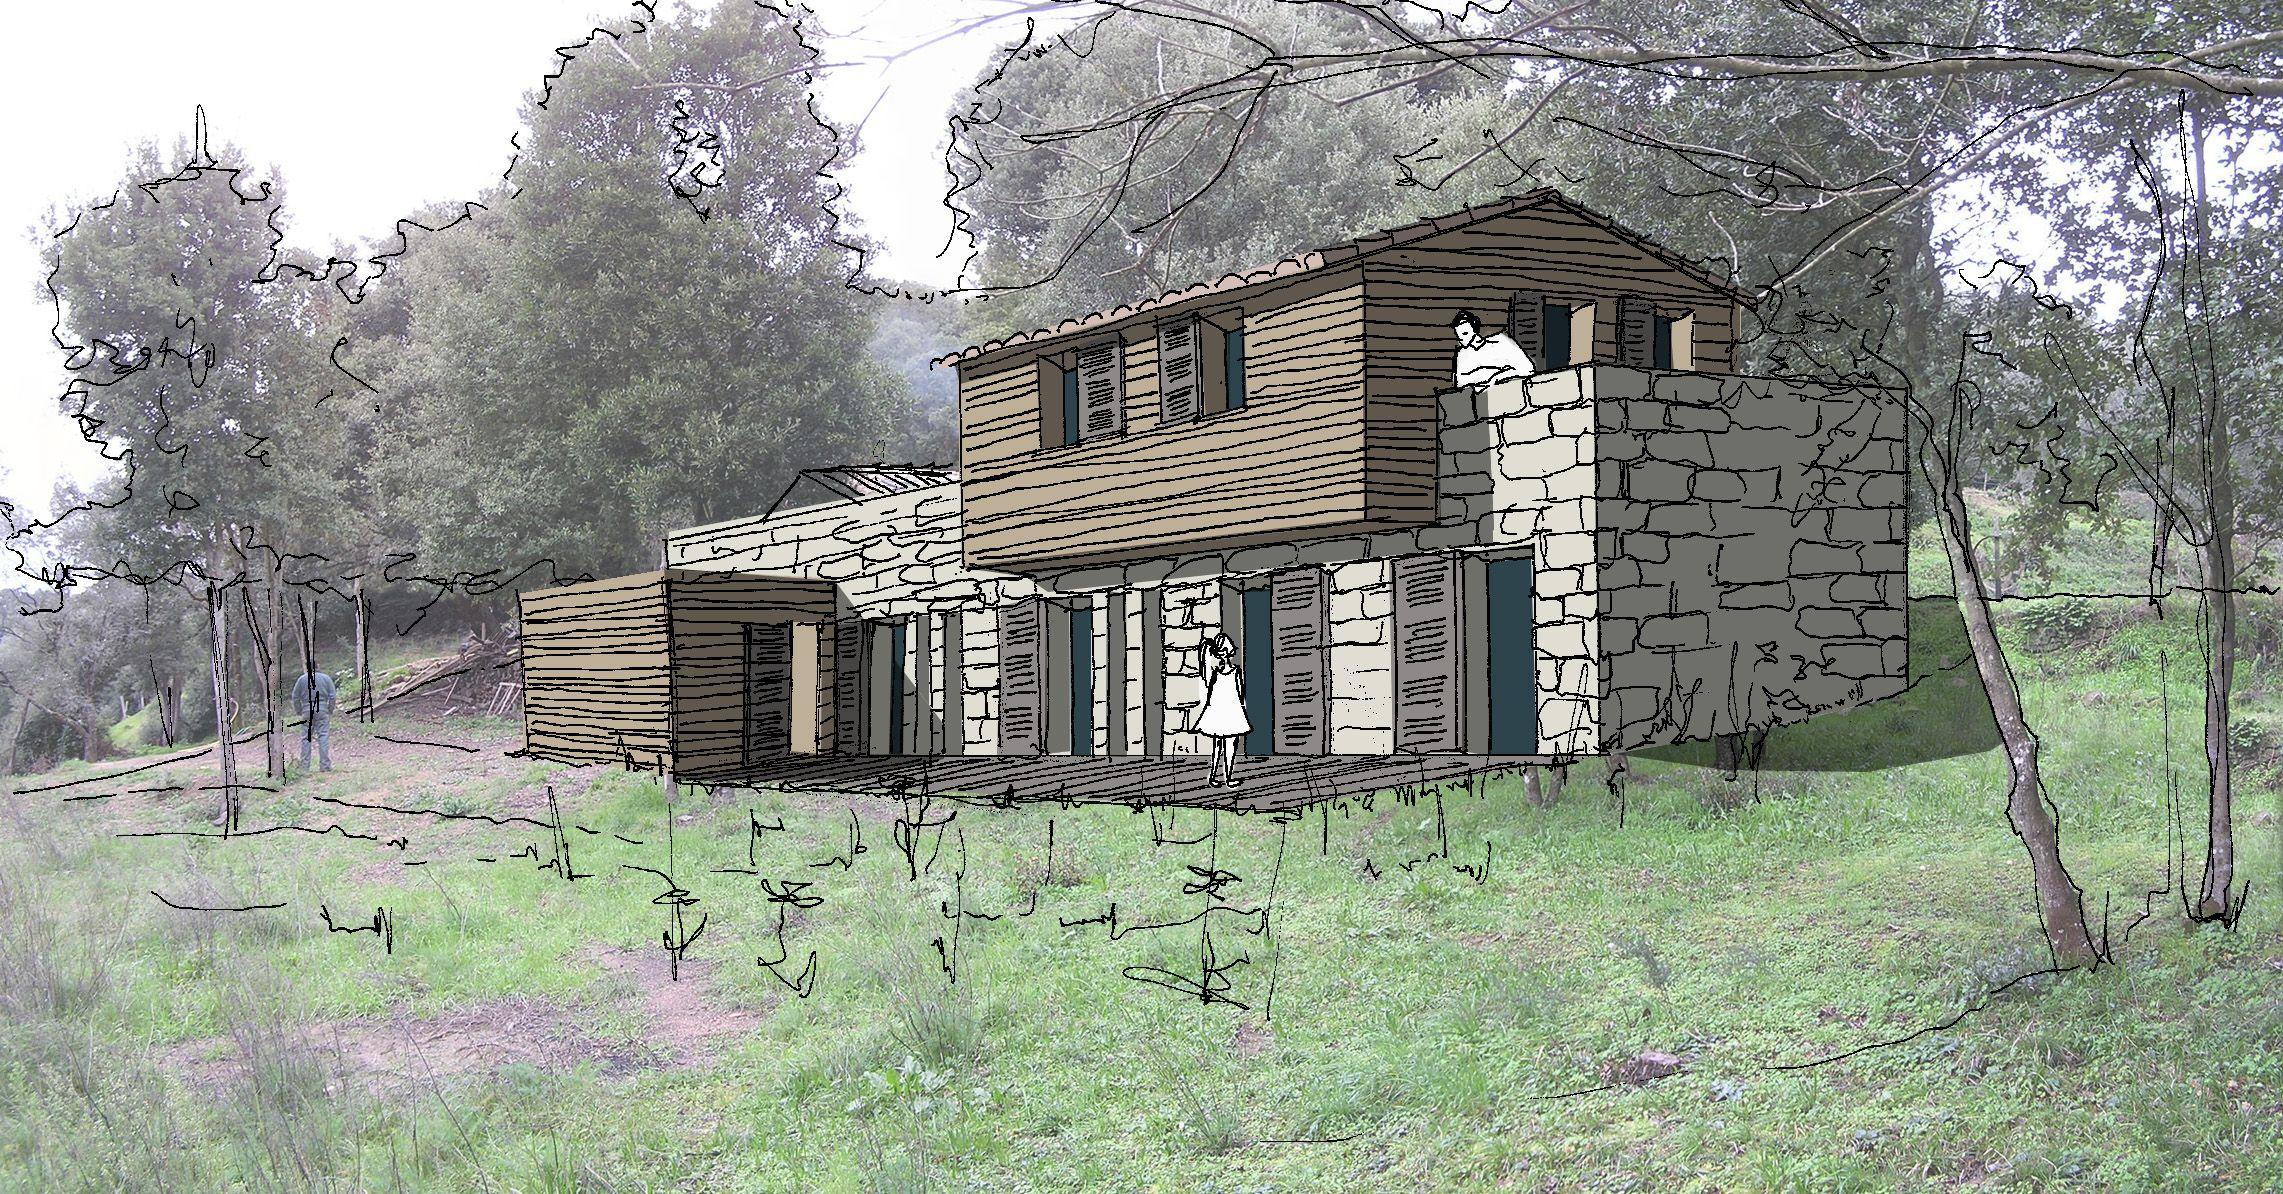 maison en pierres et bois sart ne corse du sud villa corse pinterest corse du sud. Black Bedroom Furniture Sets. Home Design Ideas